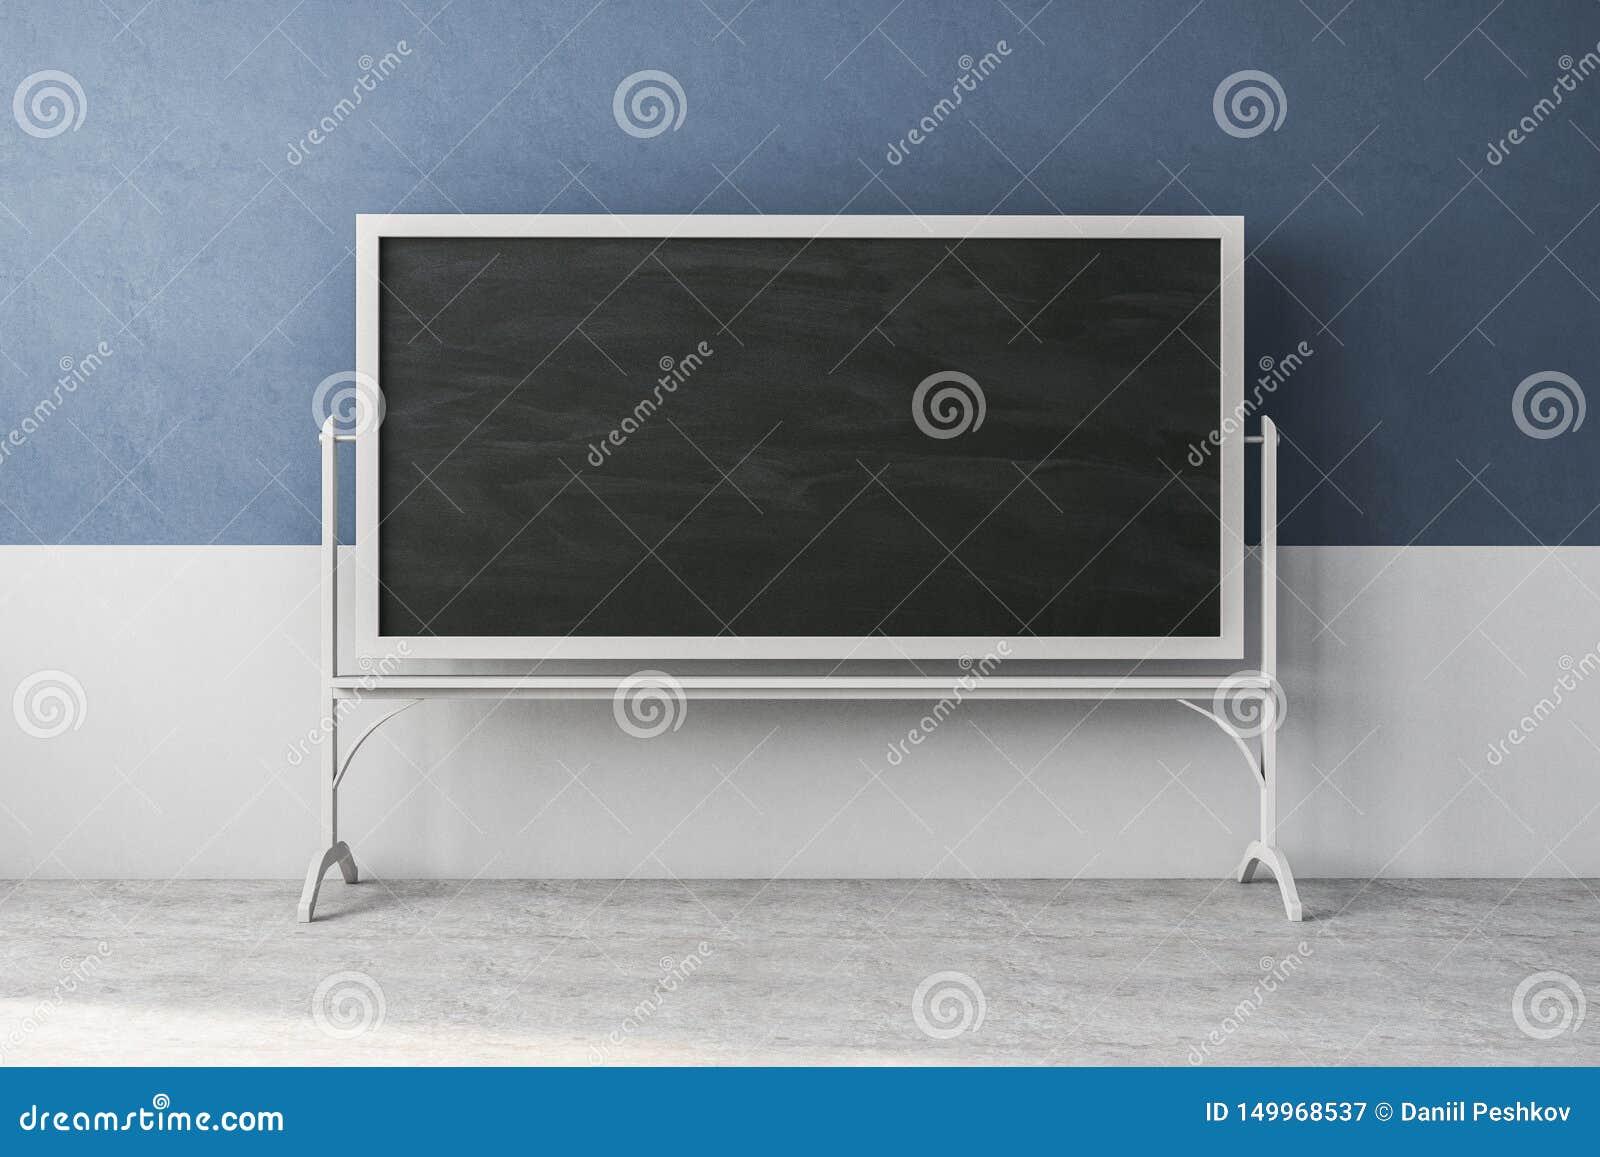 Salle De Classe Contemporaine Avec Le Tableau Vide Illustration Stock Illustration Du Vide Salle 149968537